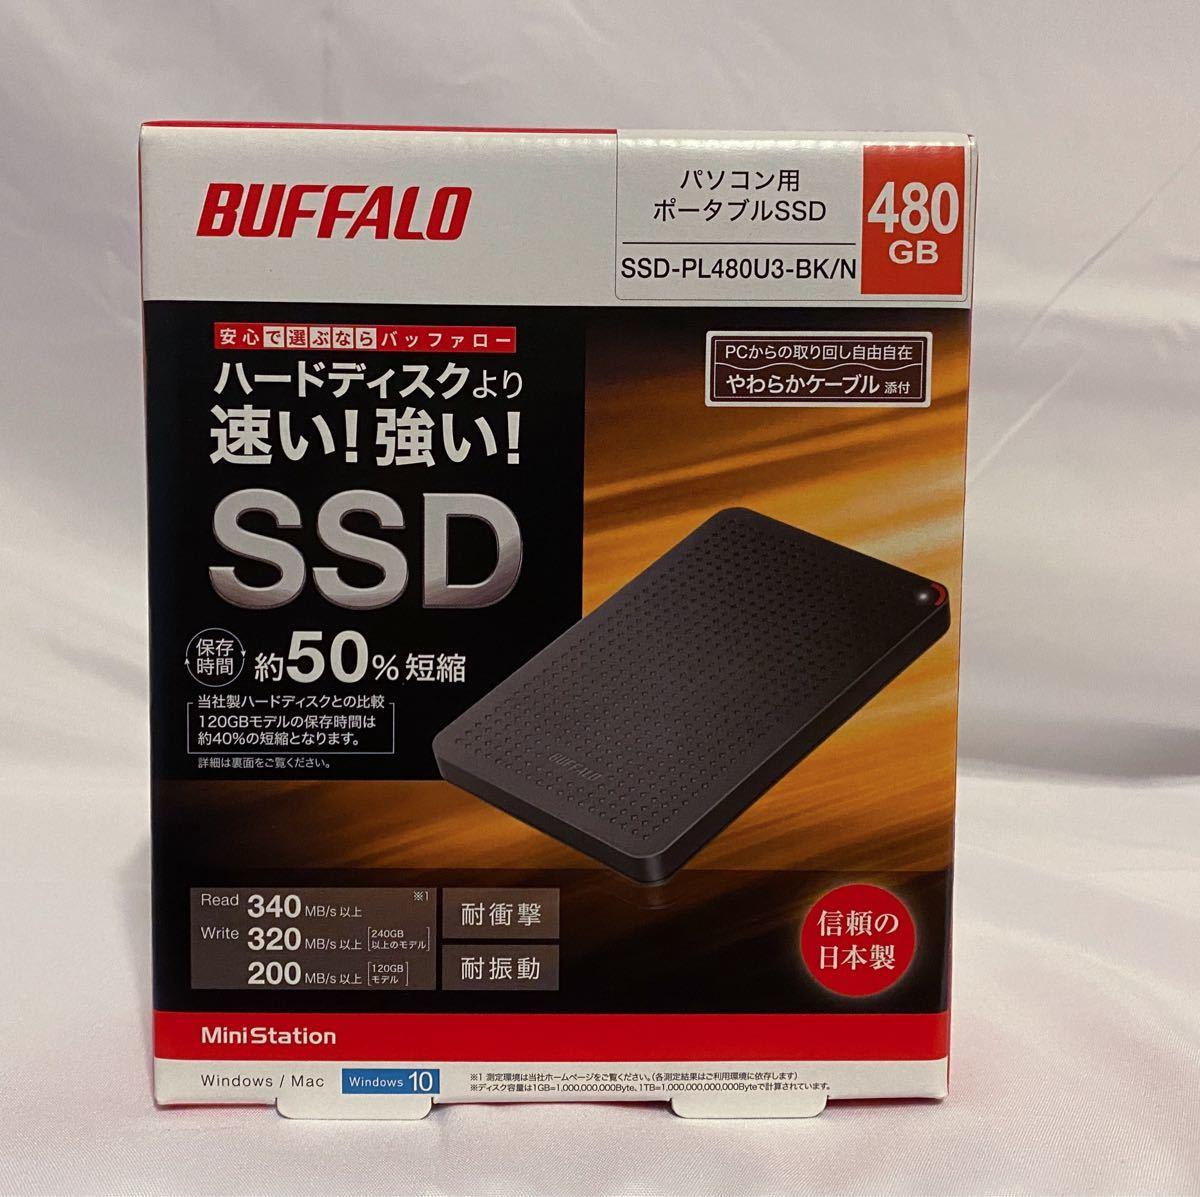 バッファロー 小型ポータブルSSD 480GB ブラック SSD-PL480U3-BK/N